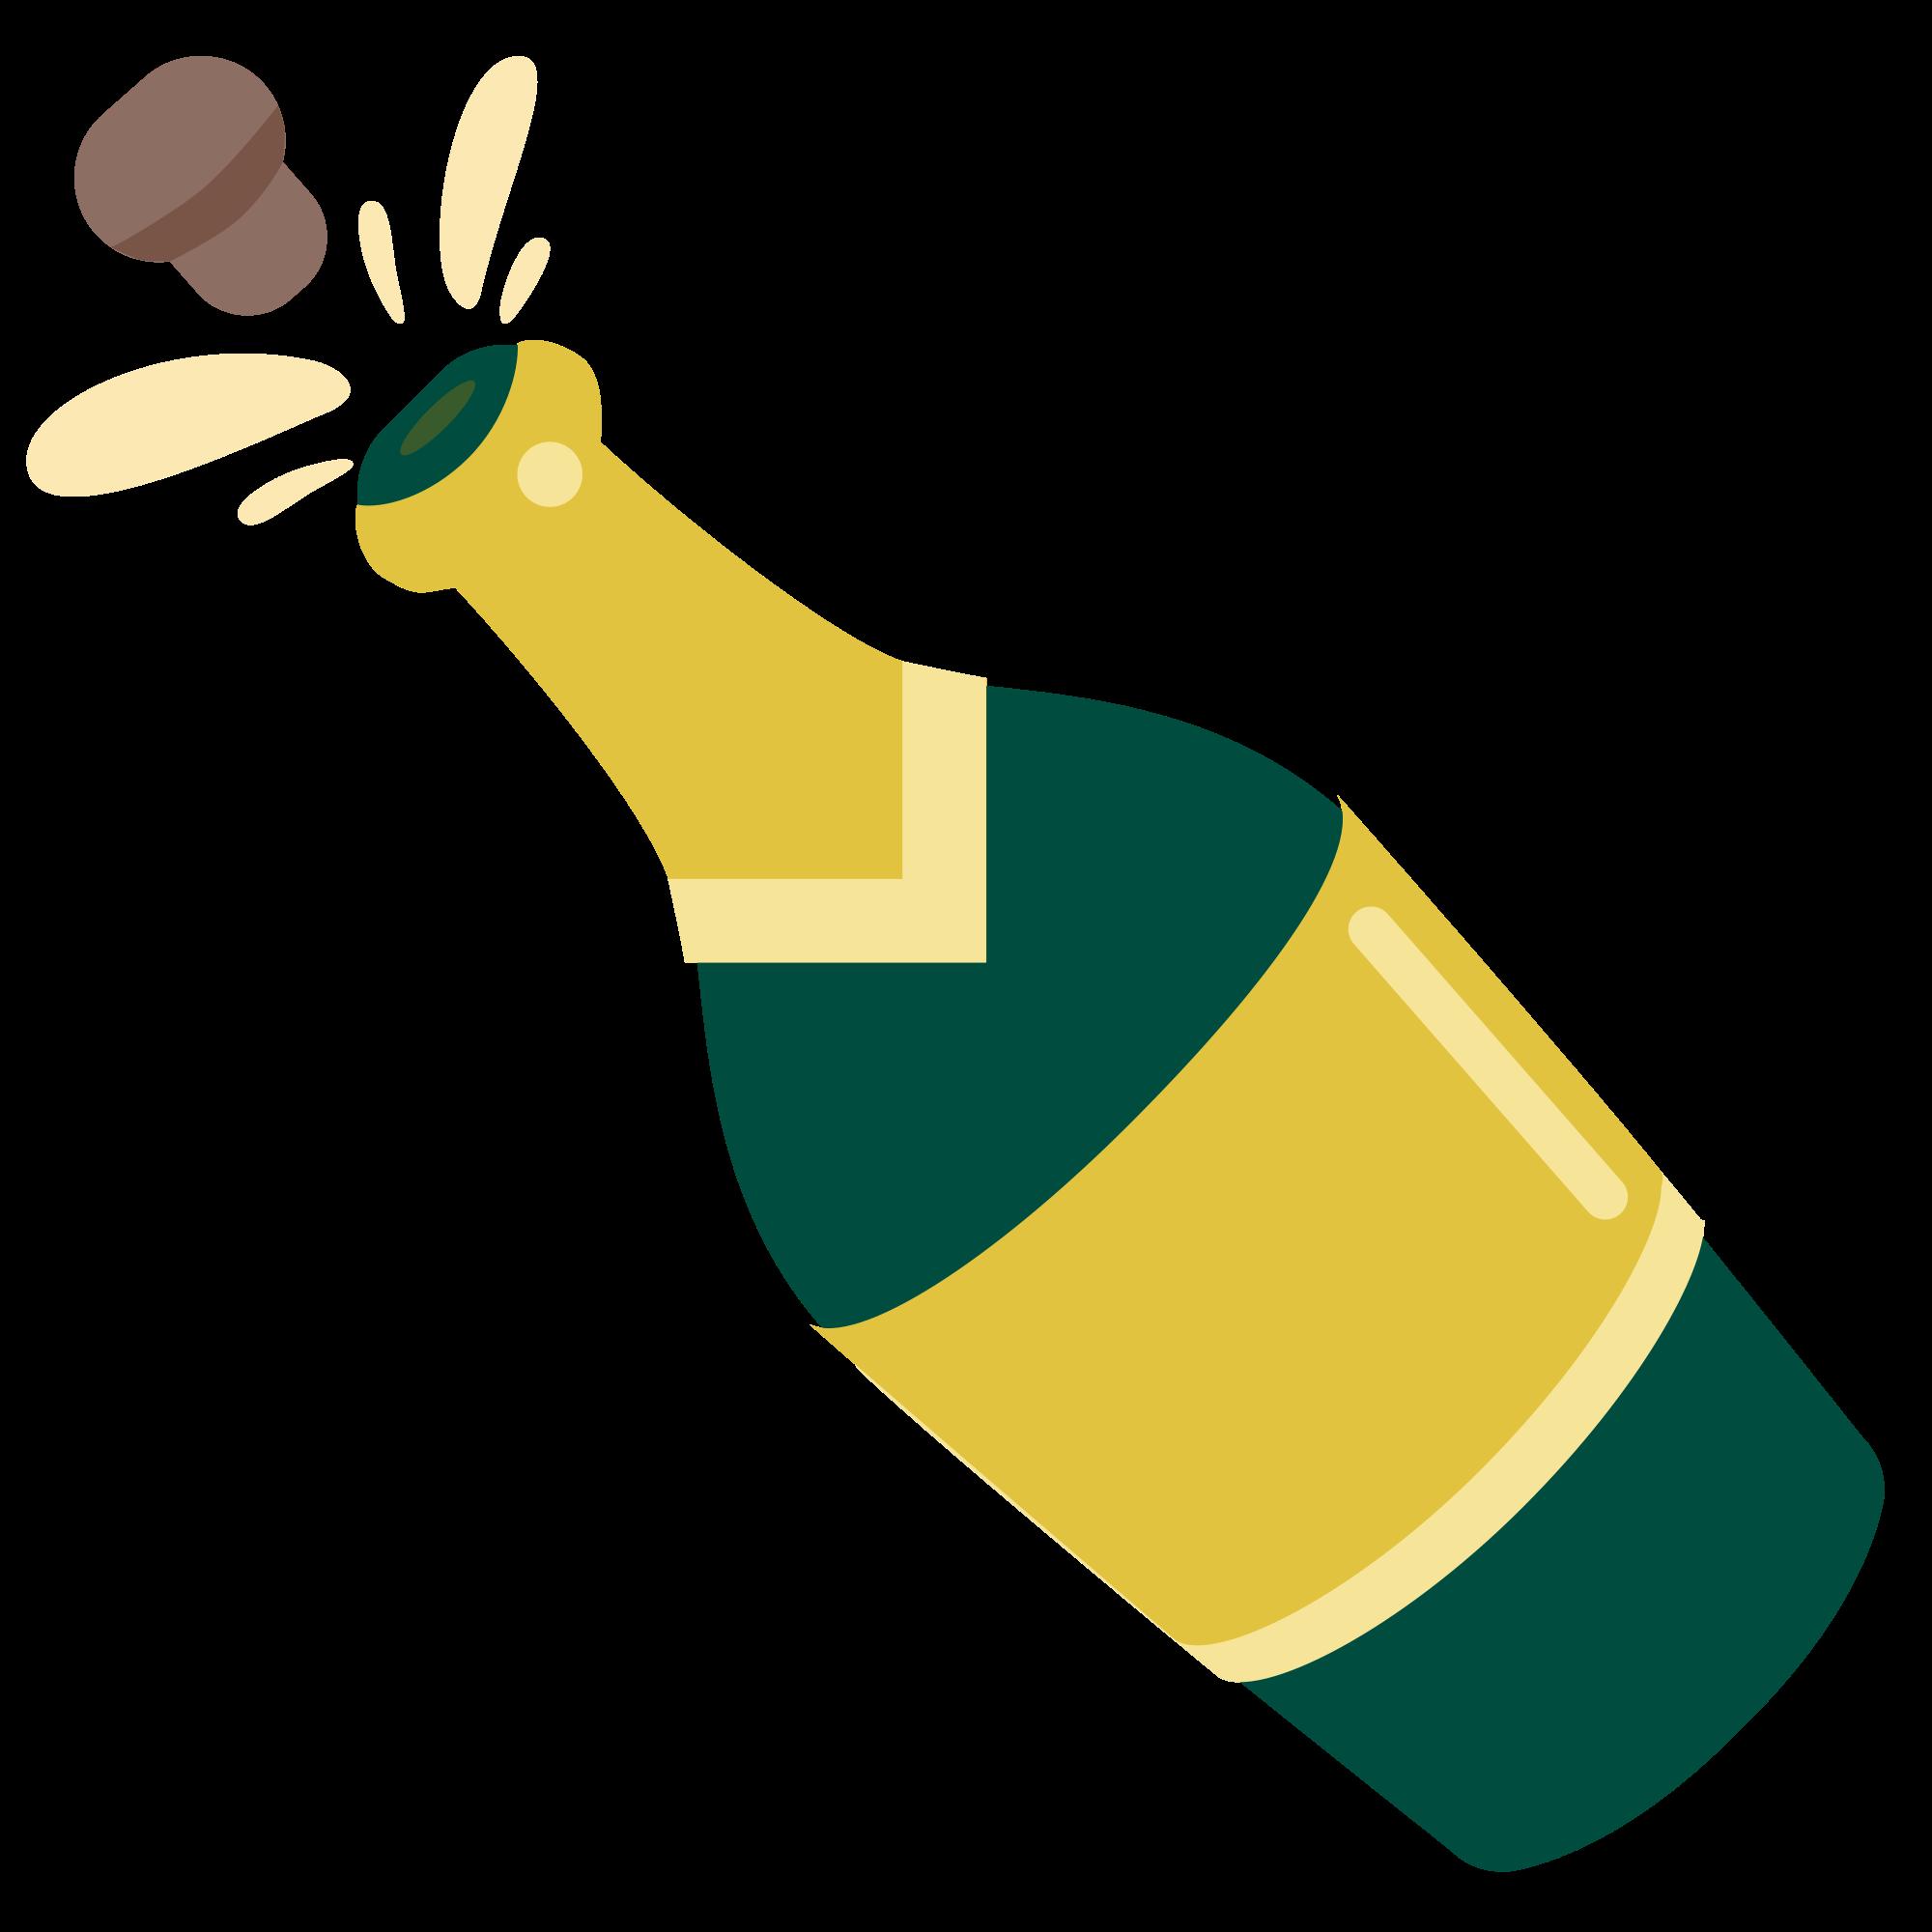 File u f e. Bottle emoji png